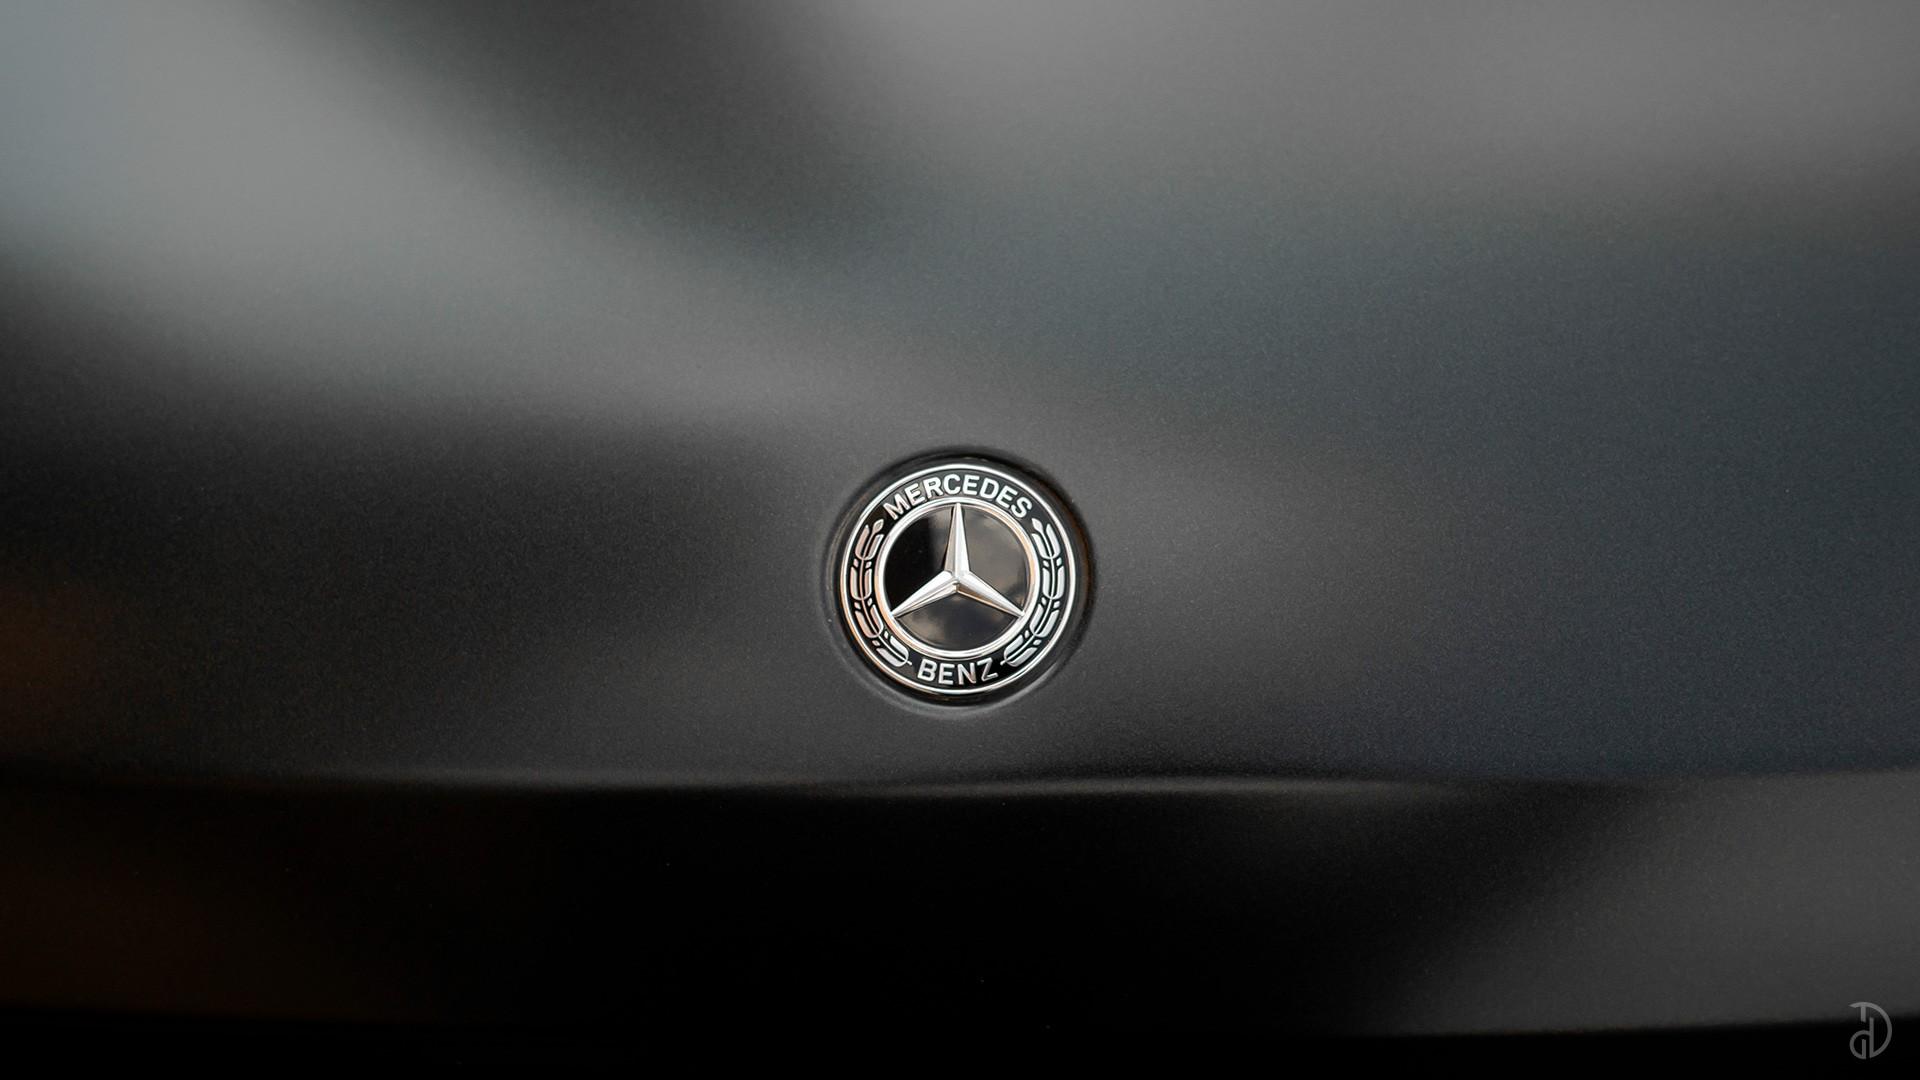 Mercedes G 63 AMG 2020 (Гелендваген). Фото 8